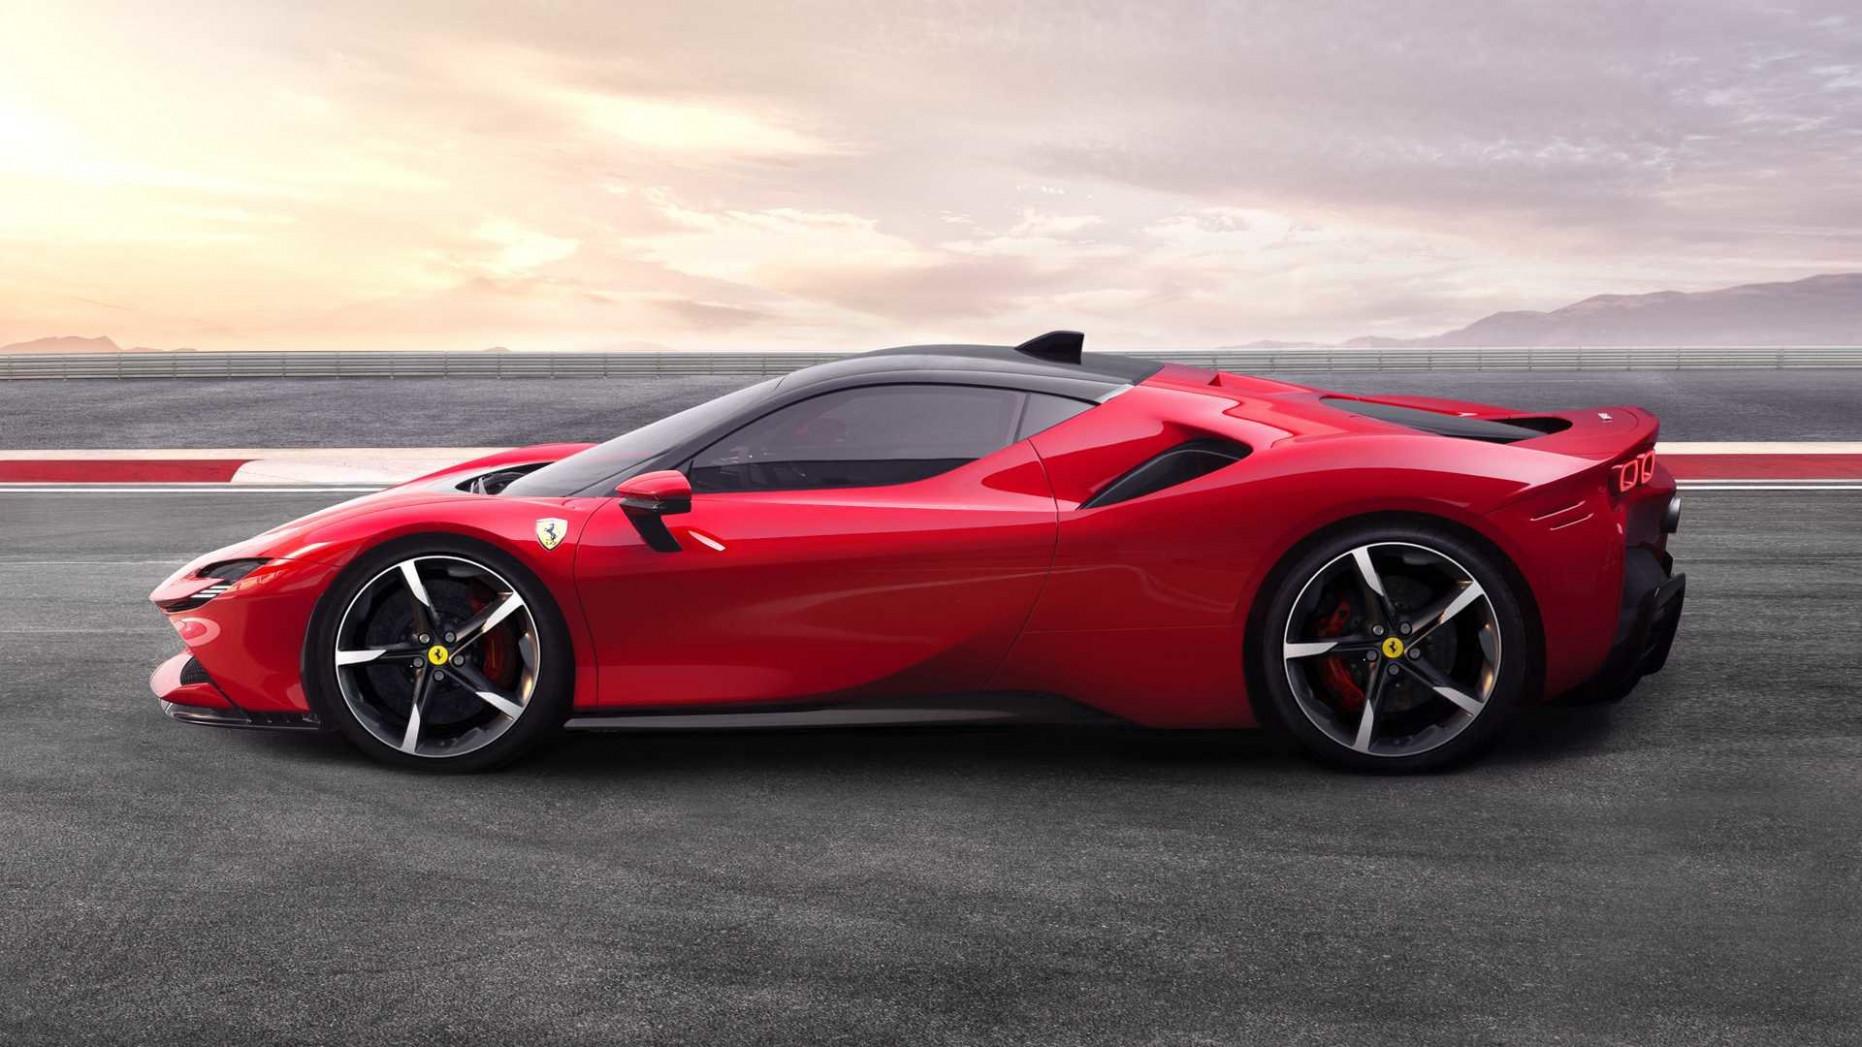 Redesign and Concept Ferrari K 2022